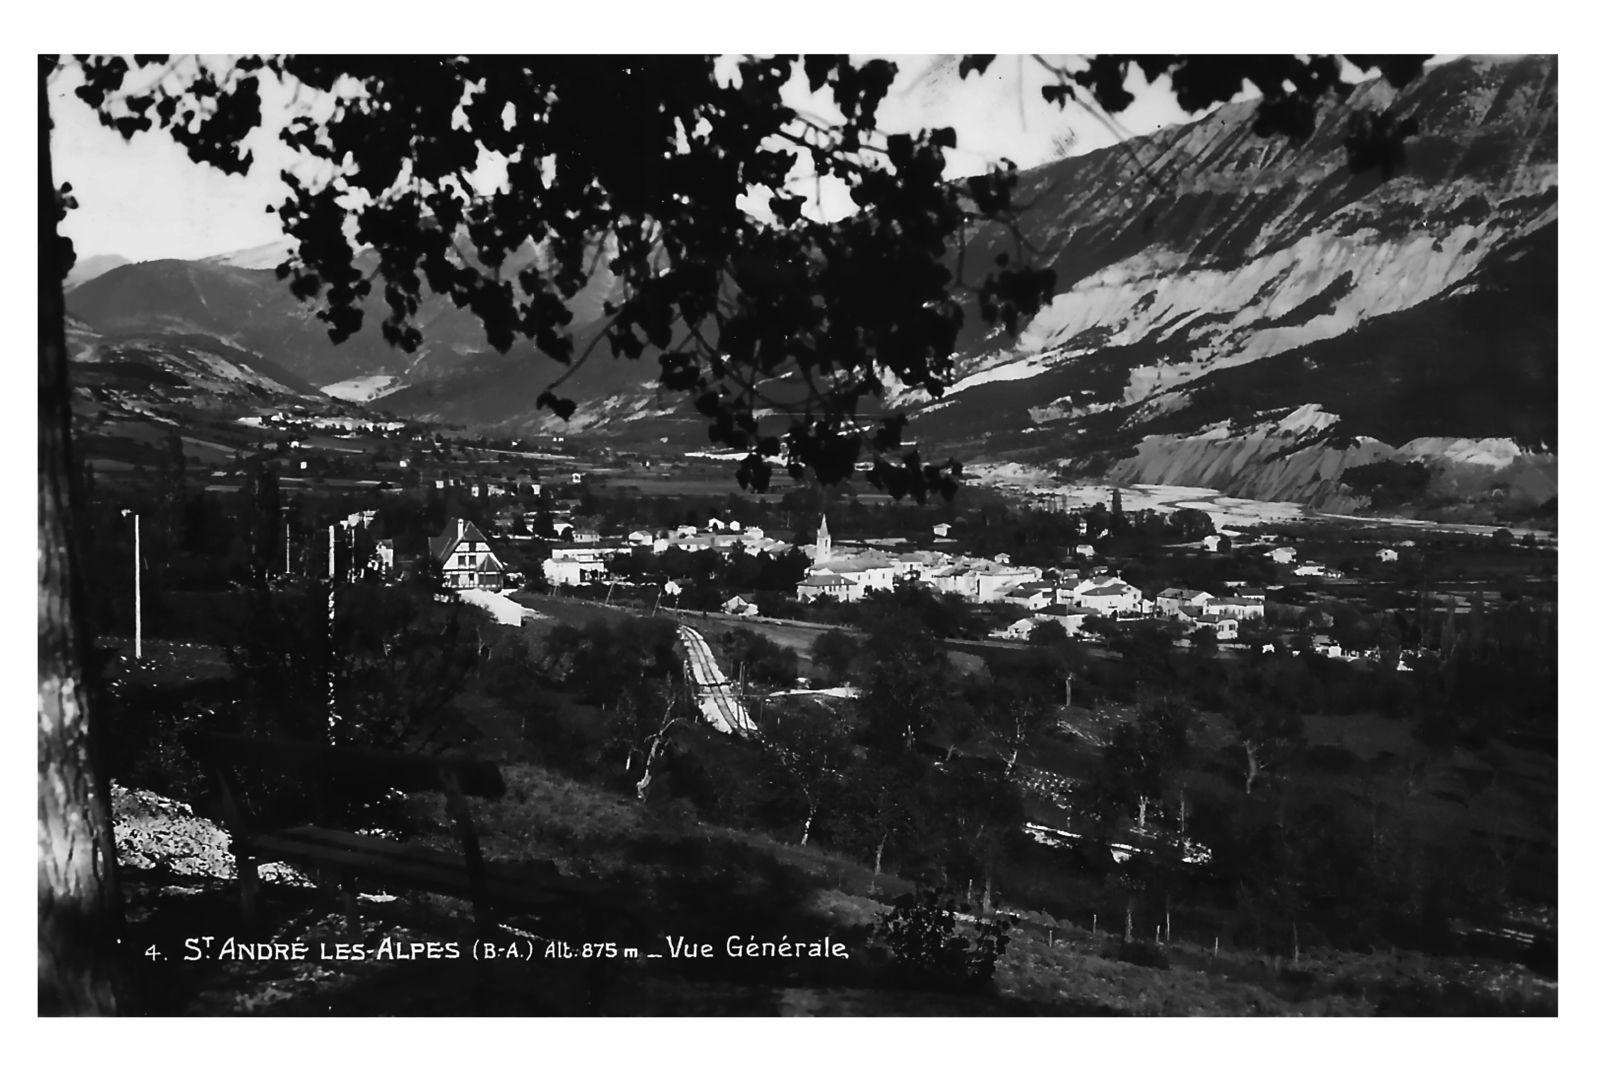 Restauration  de photos anciennes Annot , Thorame Gare , St Julien du Verdon avec les partage de Thomas , St André les Alpes